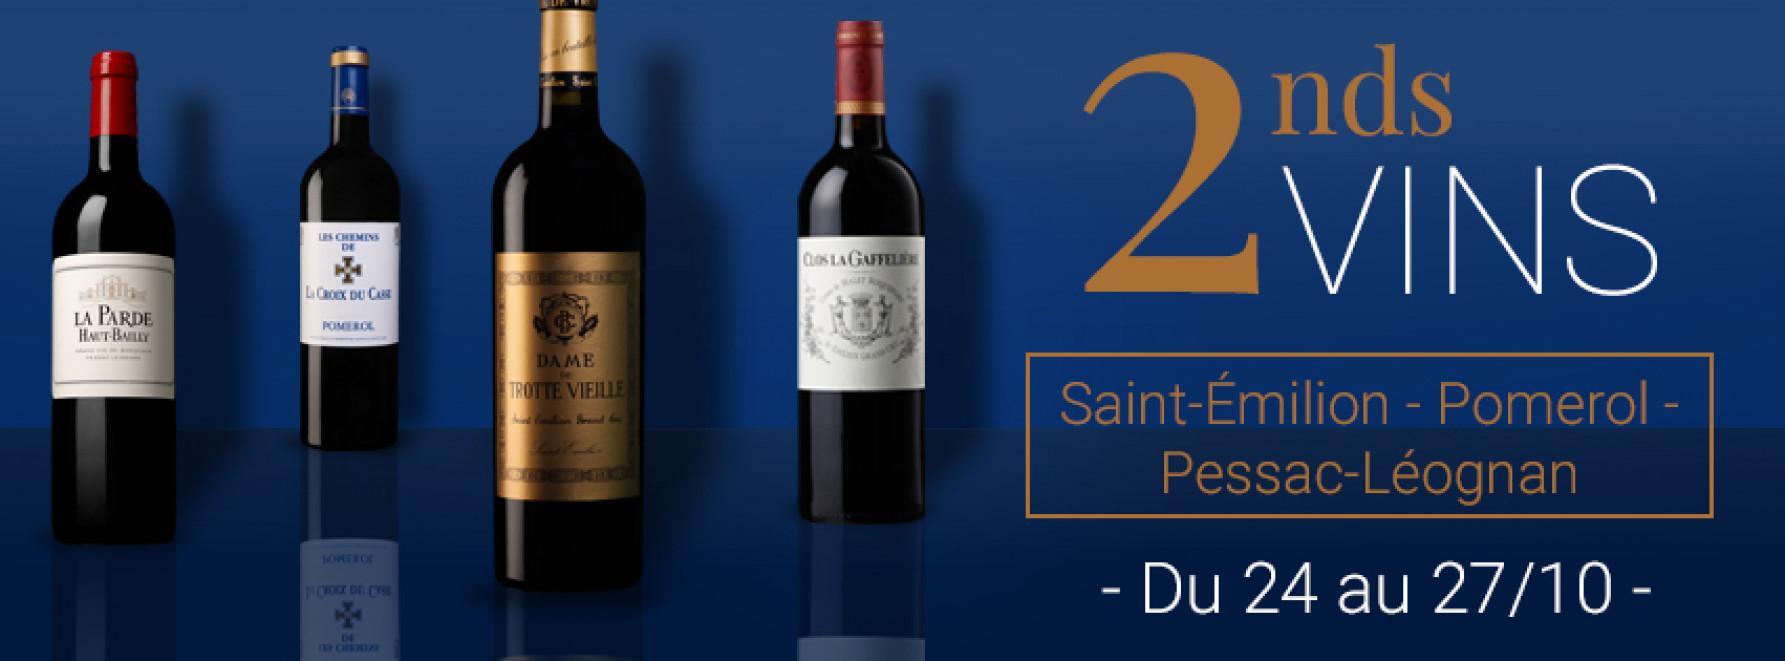 2nd vins Saint-Emilion, Pessac-Léognan, Pomerol